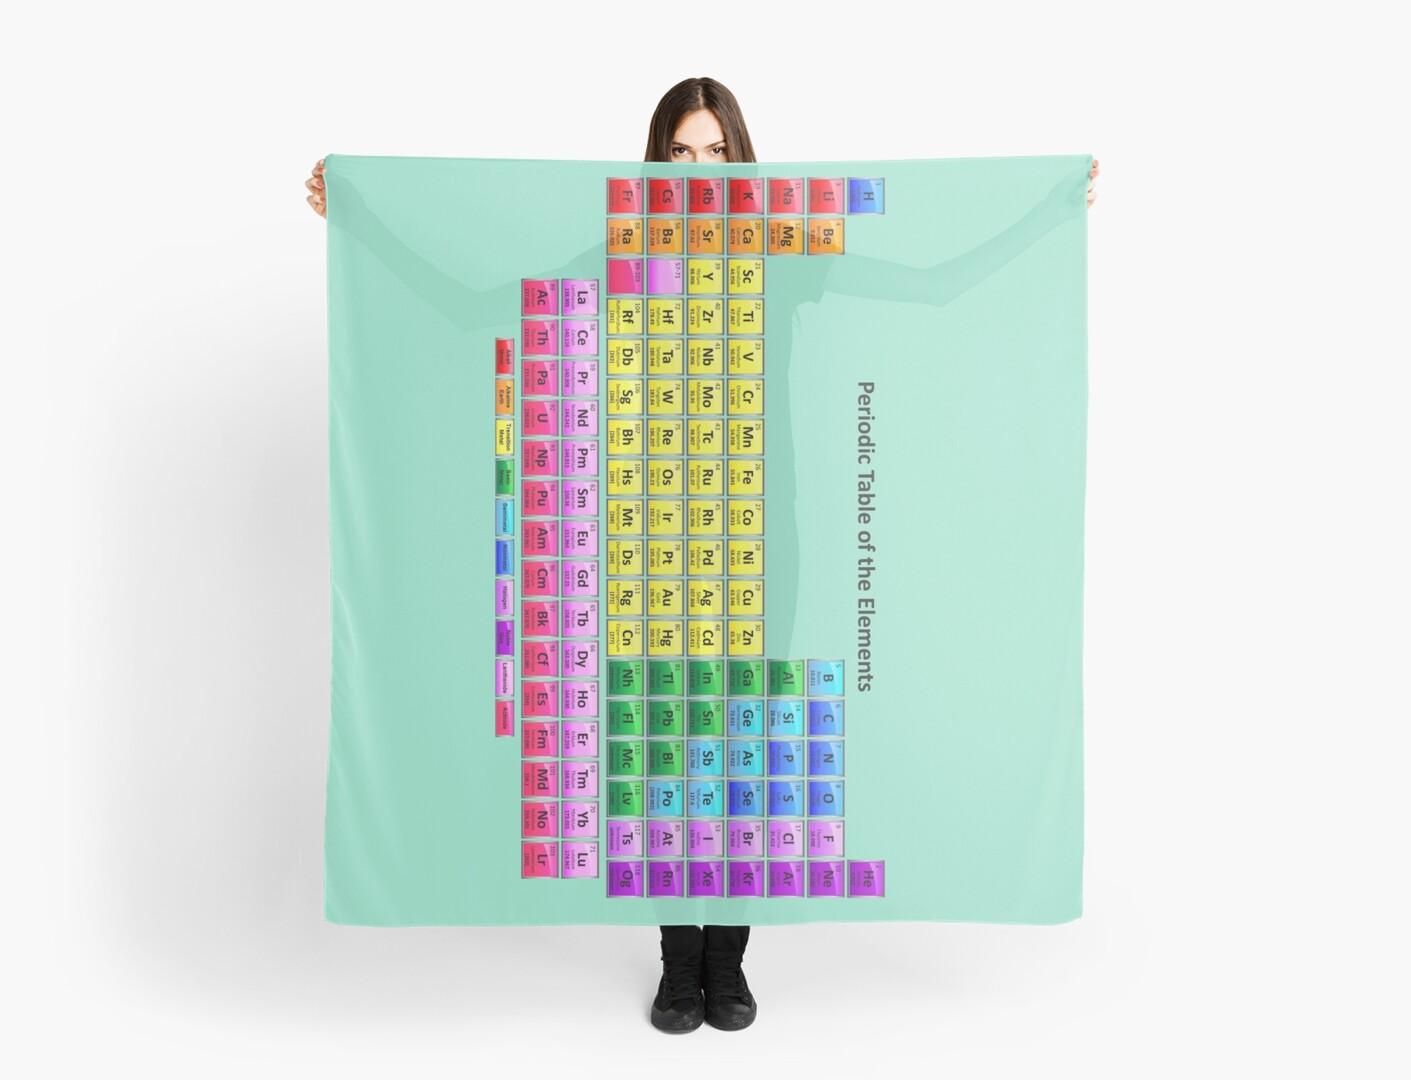 Pauelos tabla peridica vertical de los elementos qumicos de tabla peridica vertical de los elementos qumicos de sciencenotes urtaz Image collections